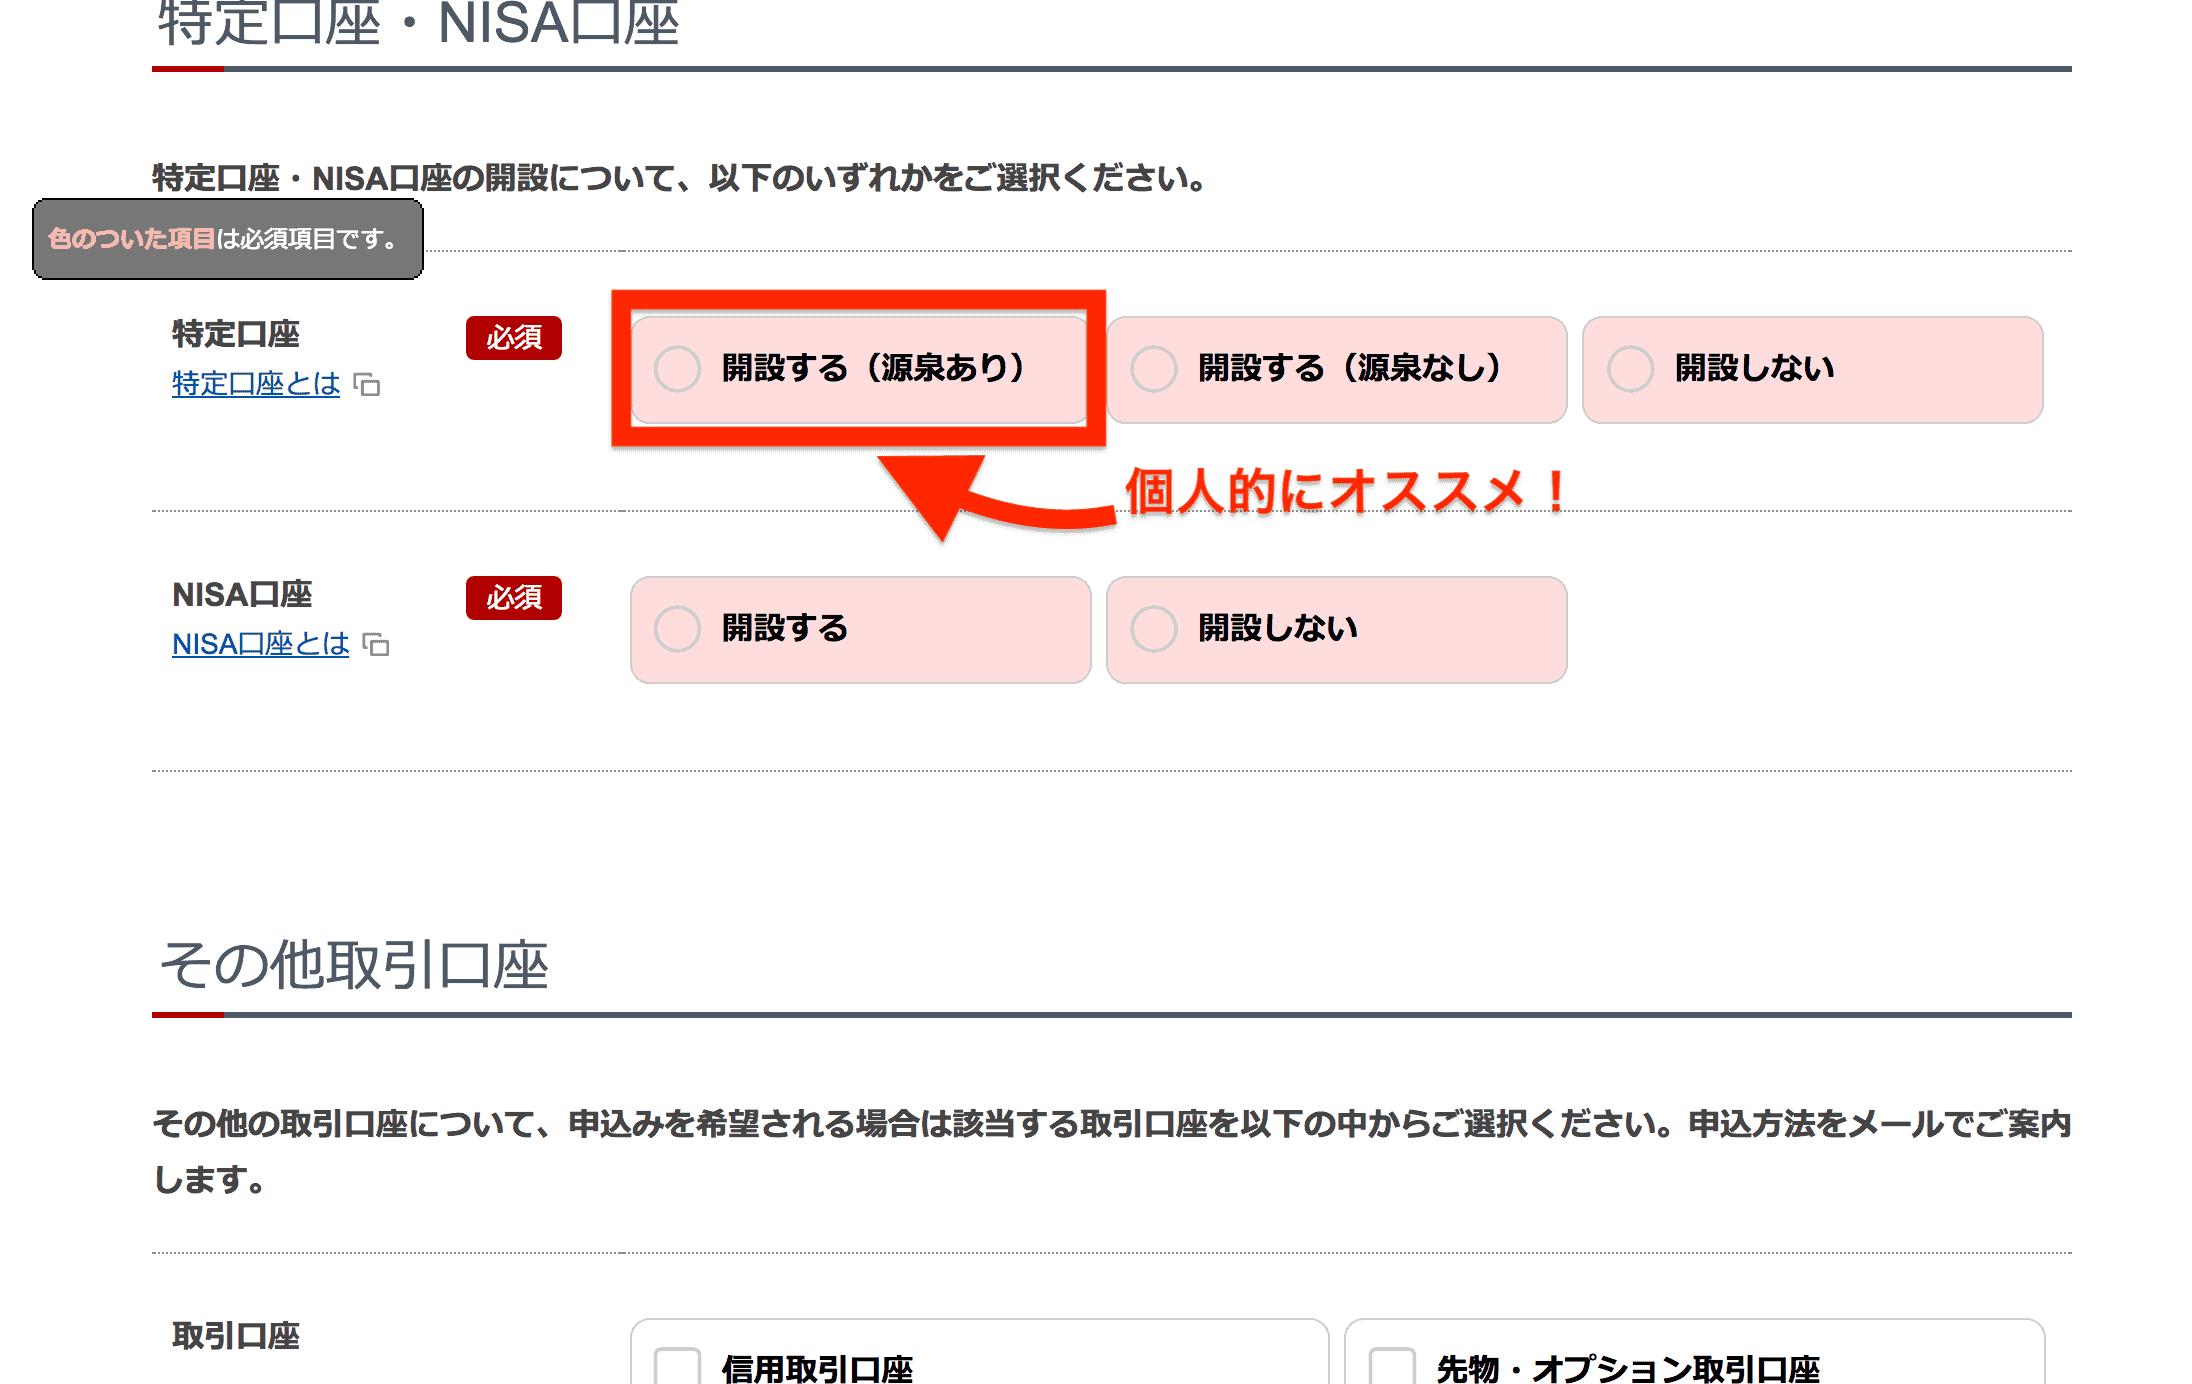 岡三オンライン証券の特定口座選択画面